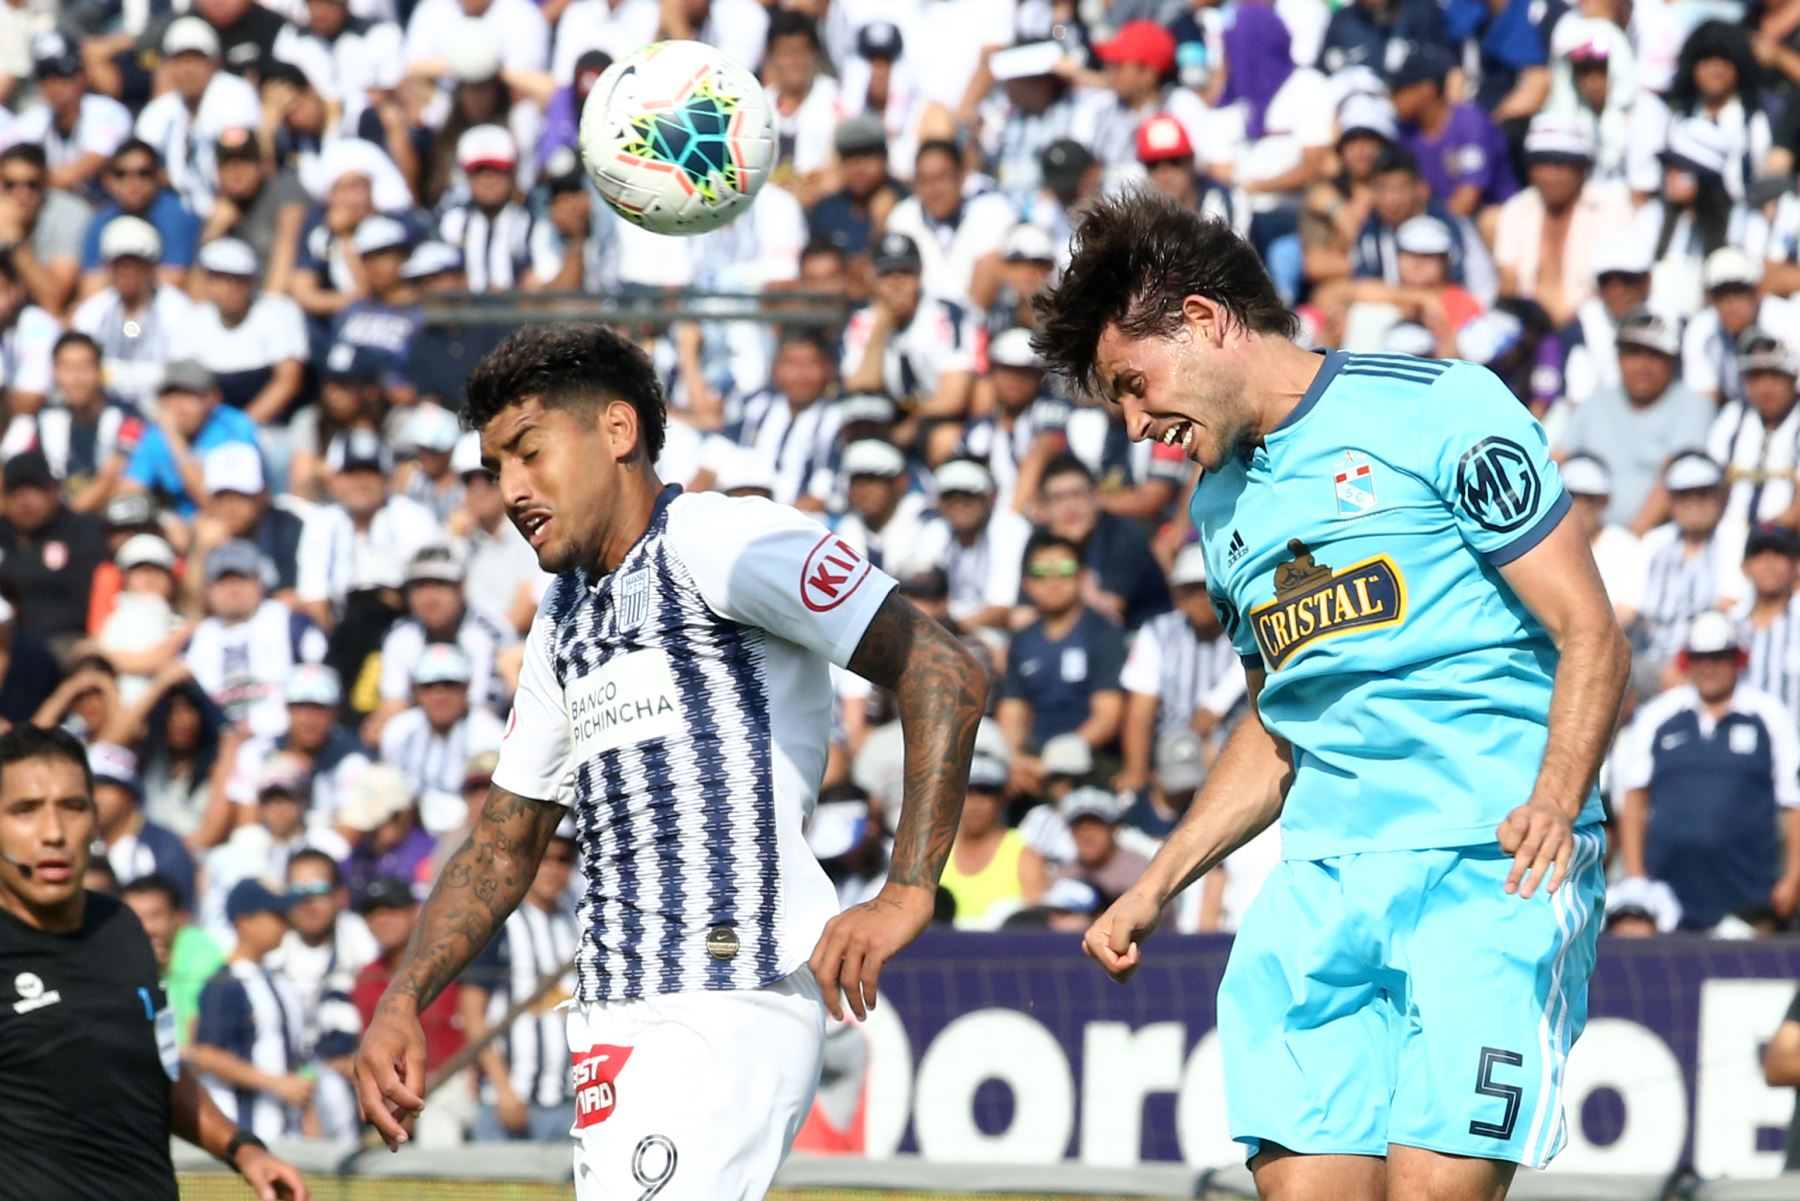 Adrian Balboa de  Alianza Lima disputa el balón ante Omar Merlo de Cristal en el partido de ida por la semifinal del play off de la Liga 1. Foto: ANDINA/Vidal Tarqui